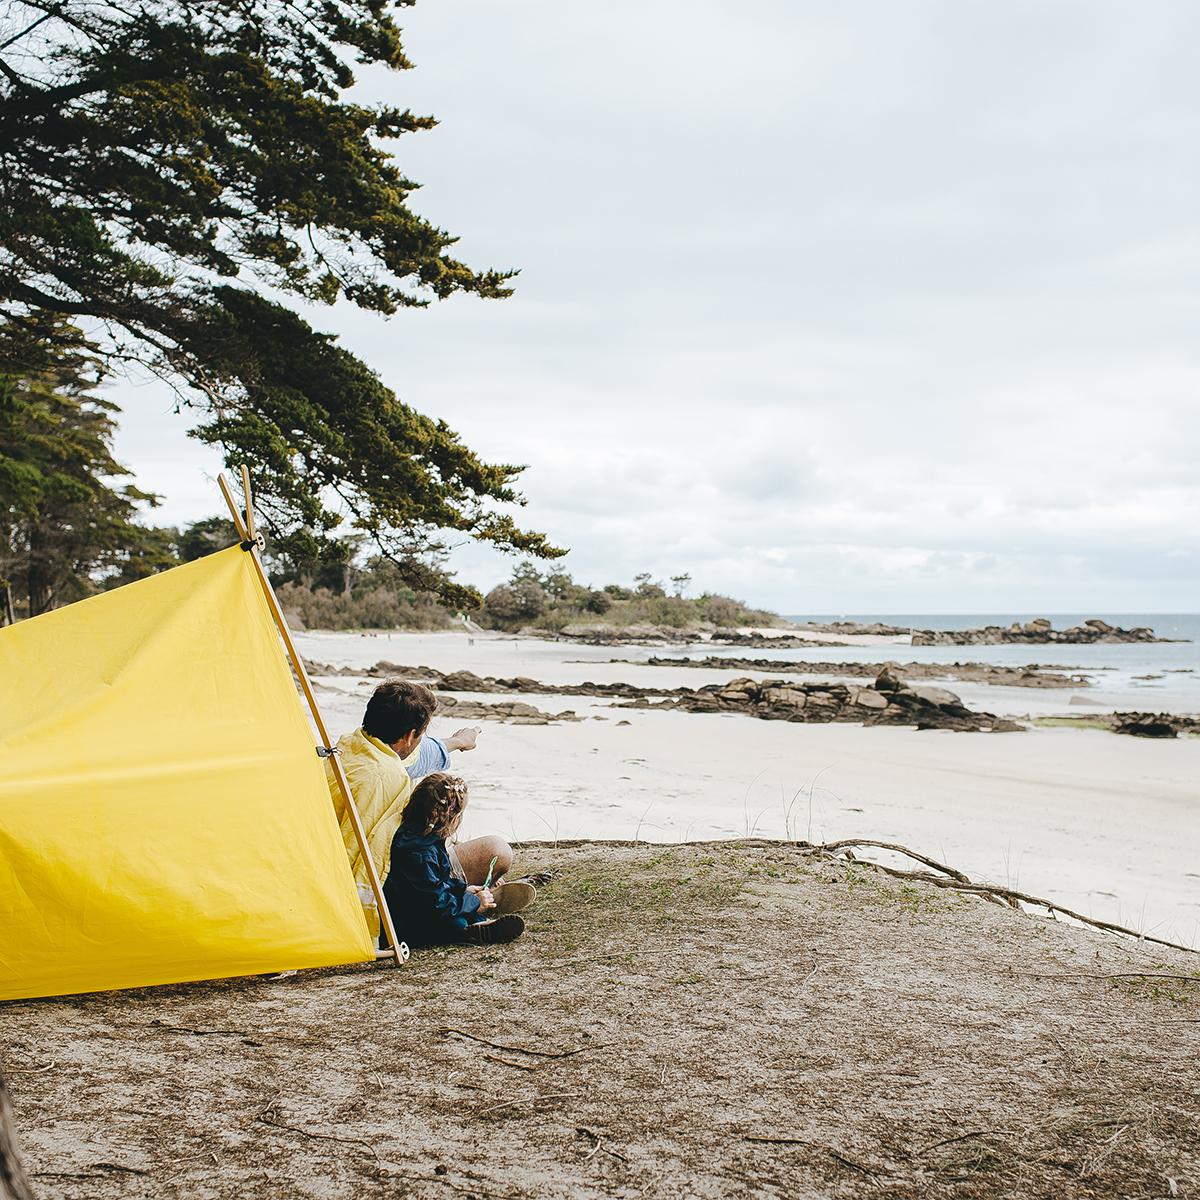 フランス流「何もしない」を楽しめる。フランスの小さな島で過ごすバカンスのような心地よさの「帆布テント」|LA TENTE ISLAISE(ラ・タント・イレーズ)